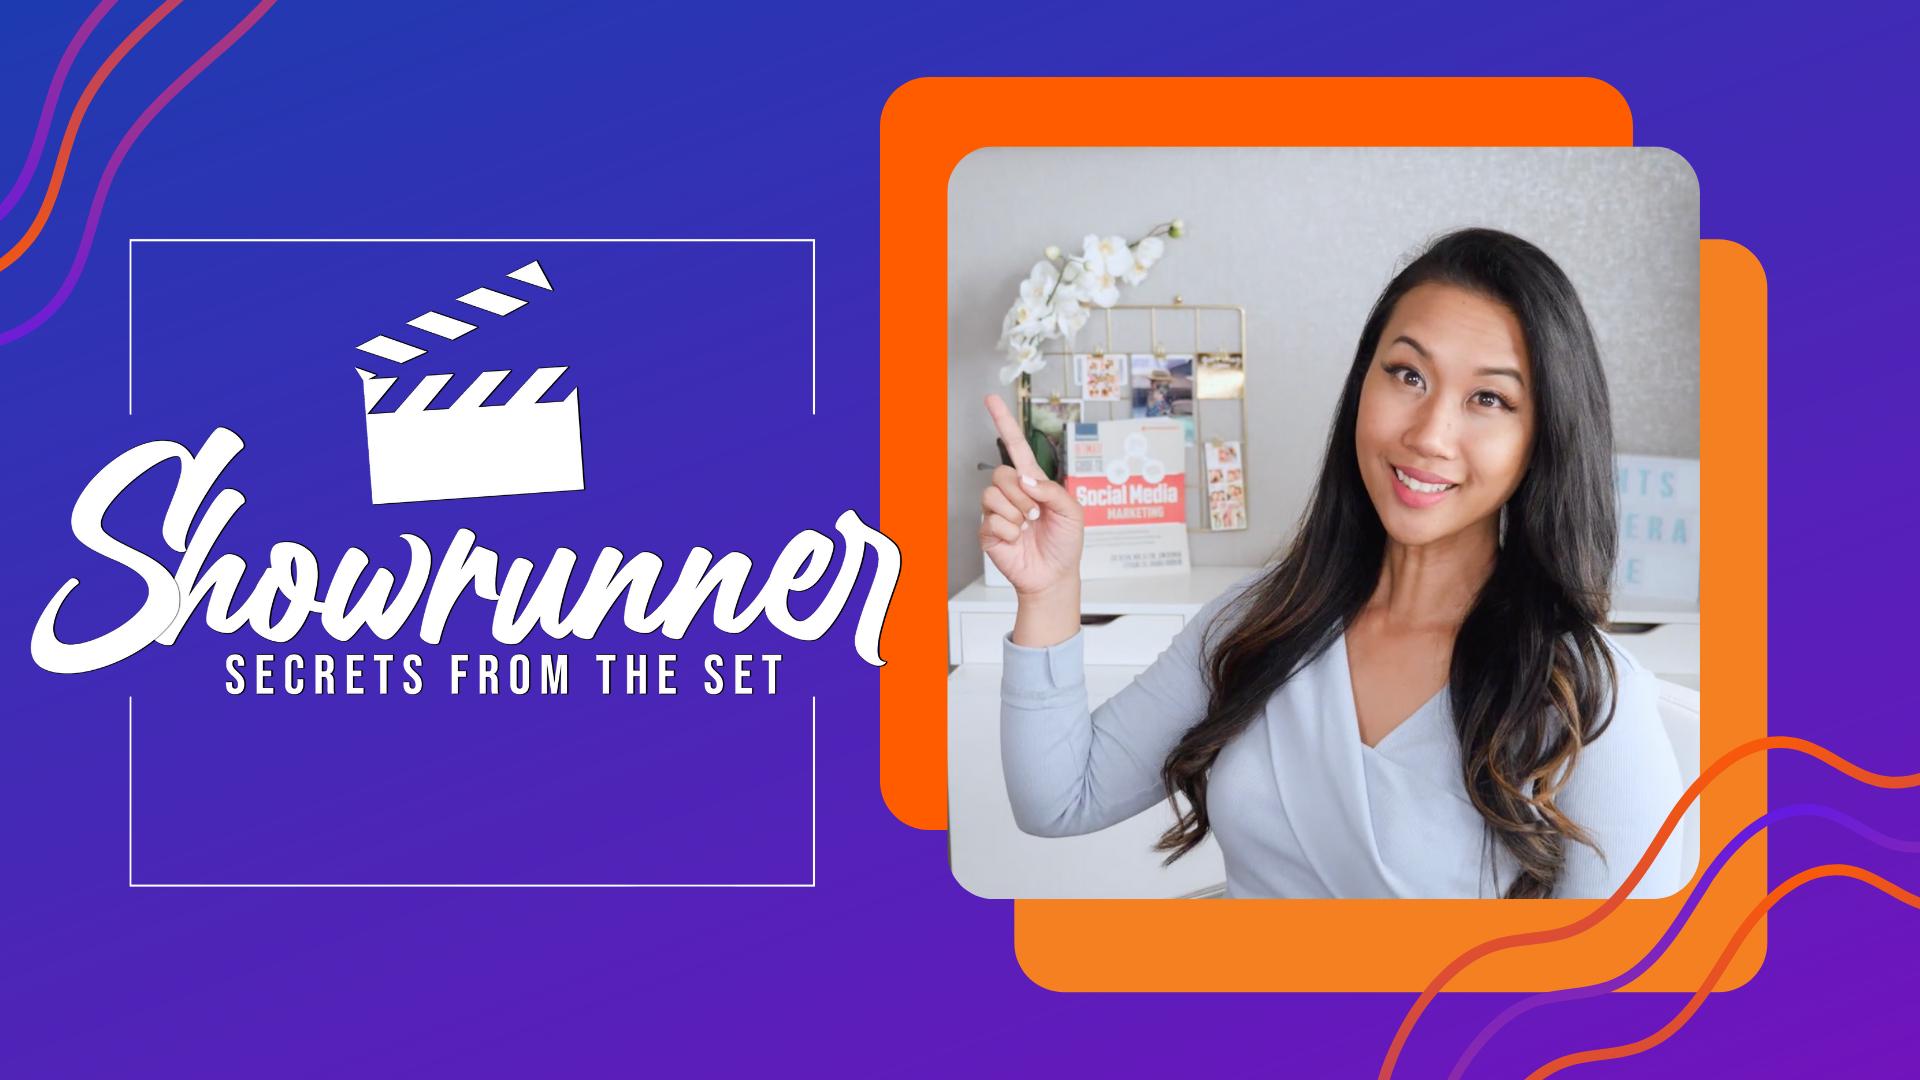 Showrunner: Secrets from the Set